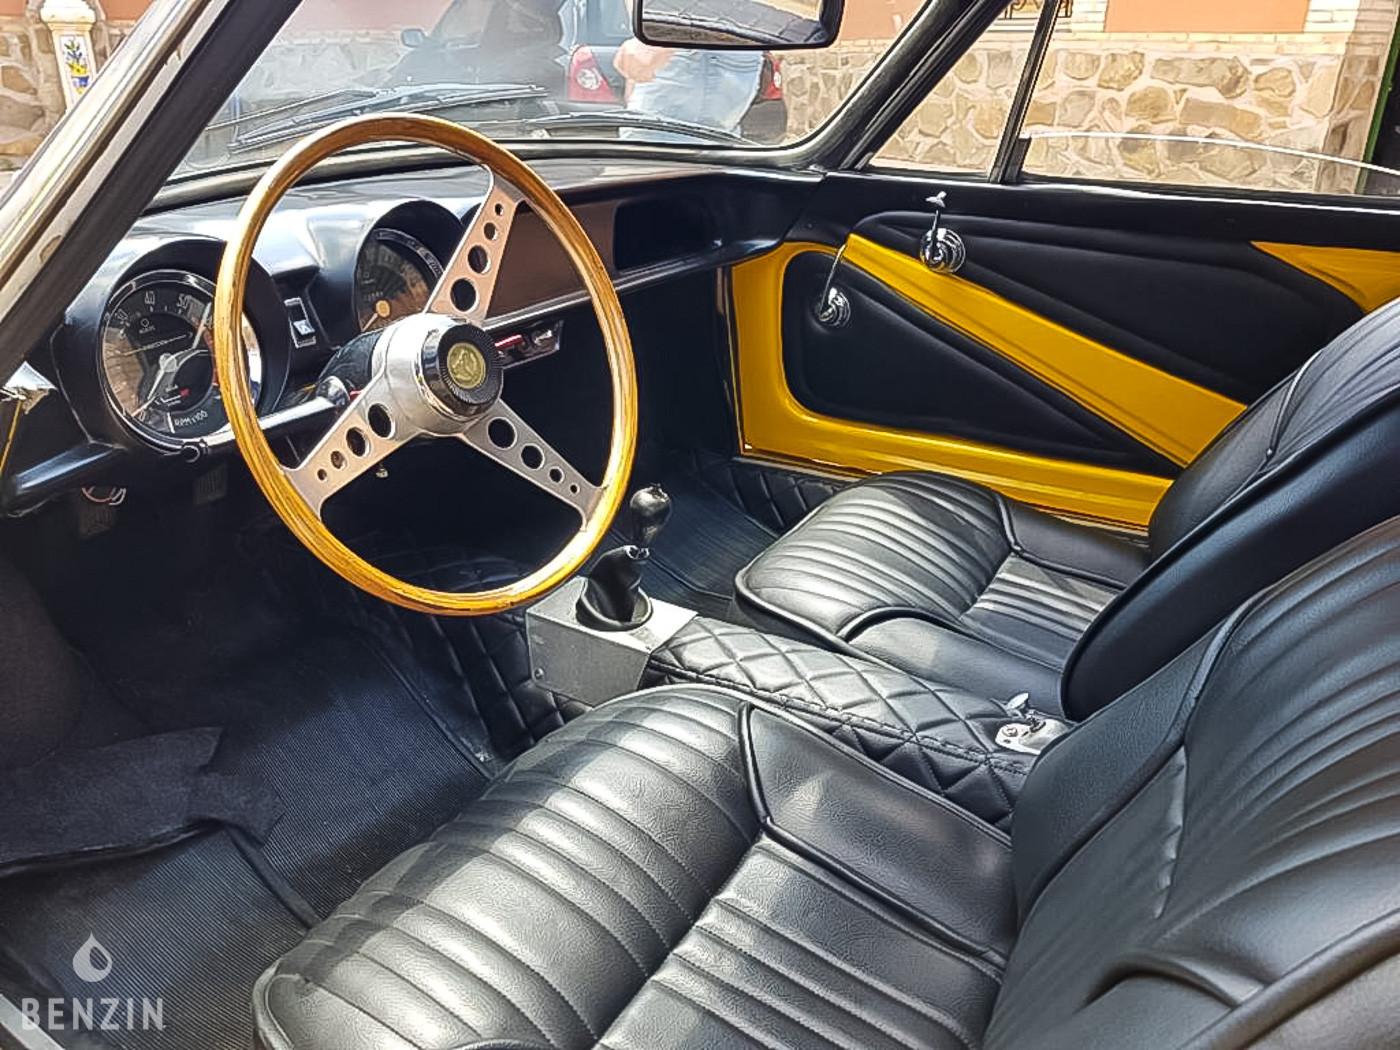 Alpine A108 berlinette 1966 benzin fr img_6013d100d8426